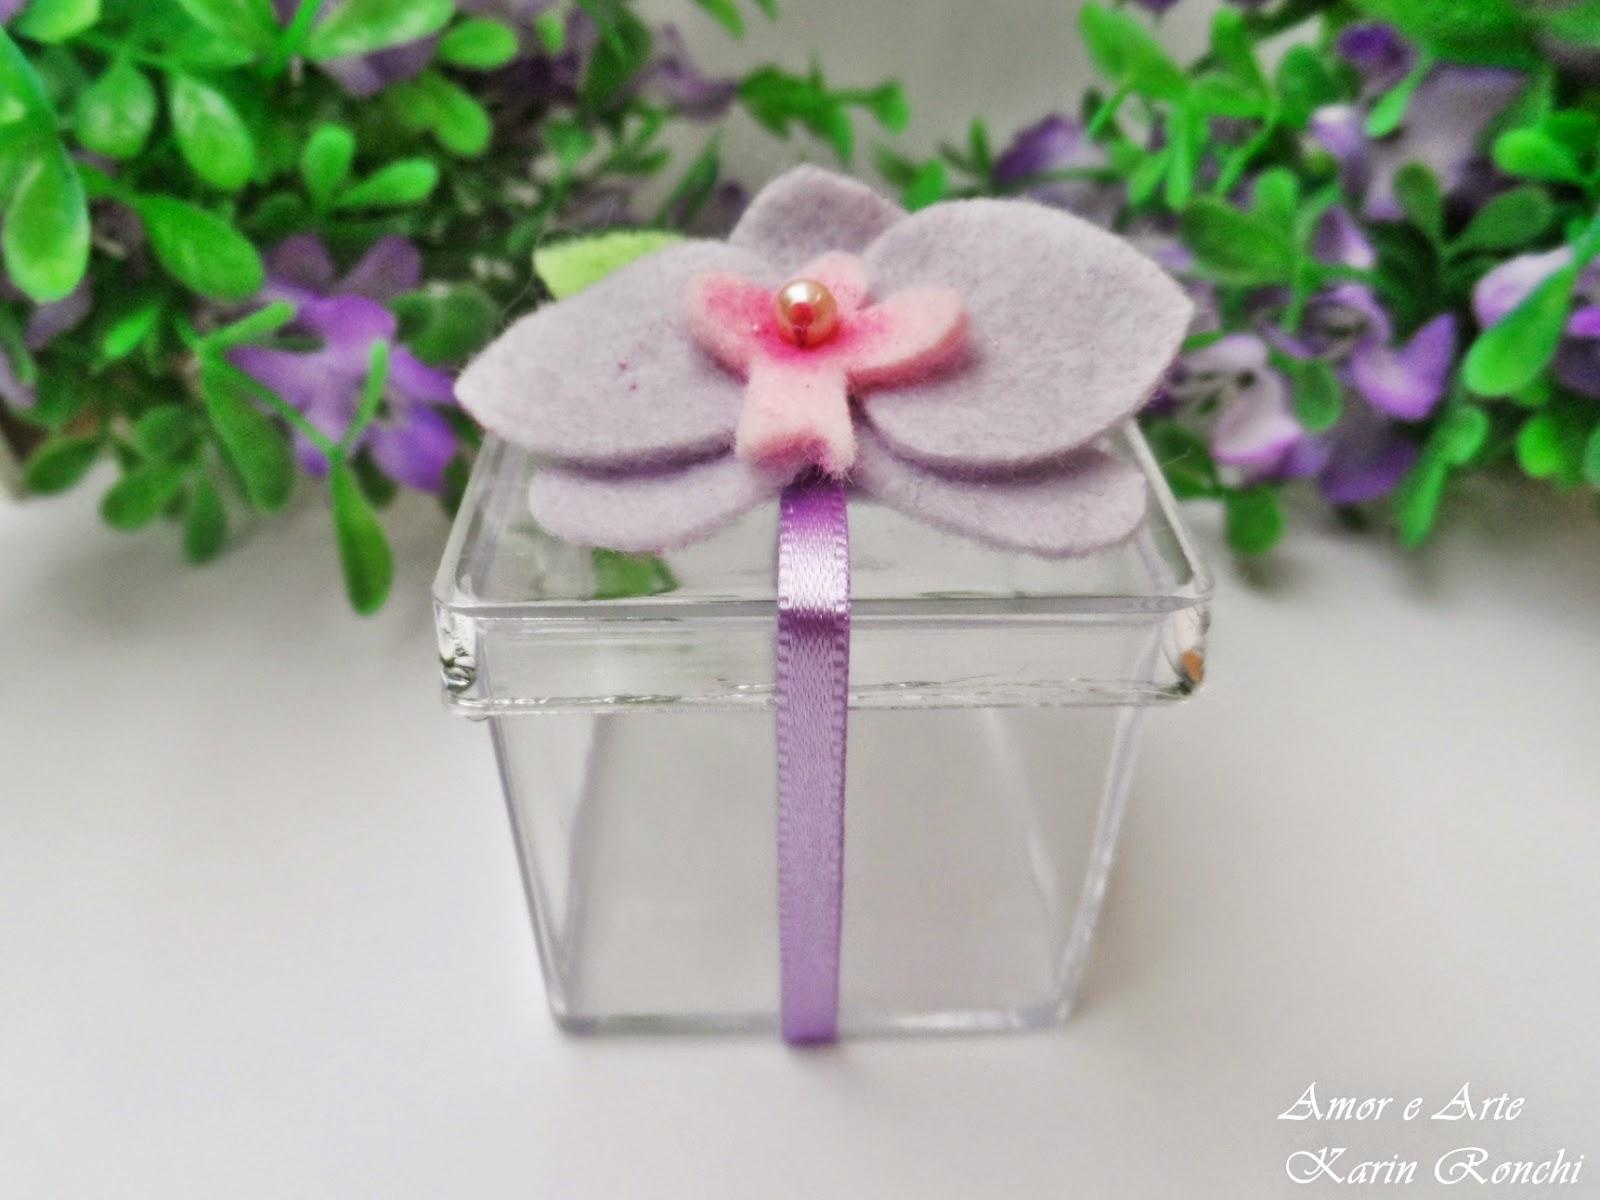 Lembrancinhas Personalizada: Caixa acrílica + Orquídea em feltro